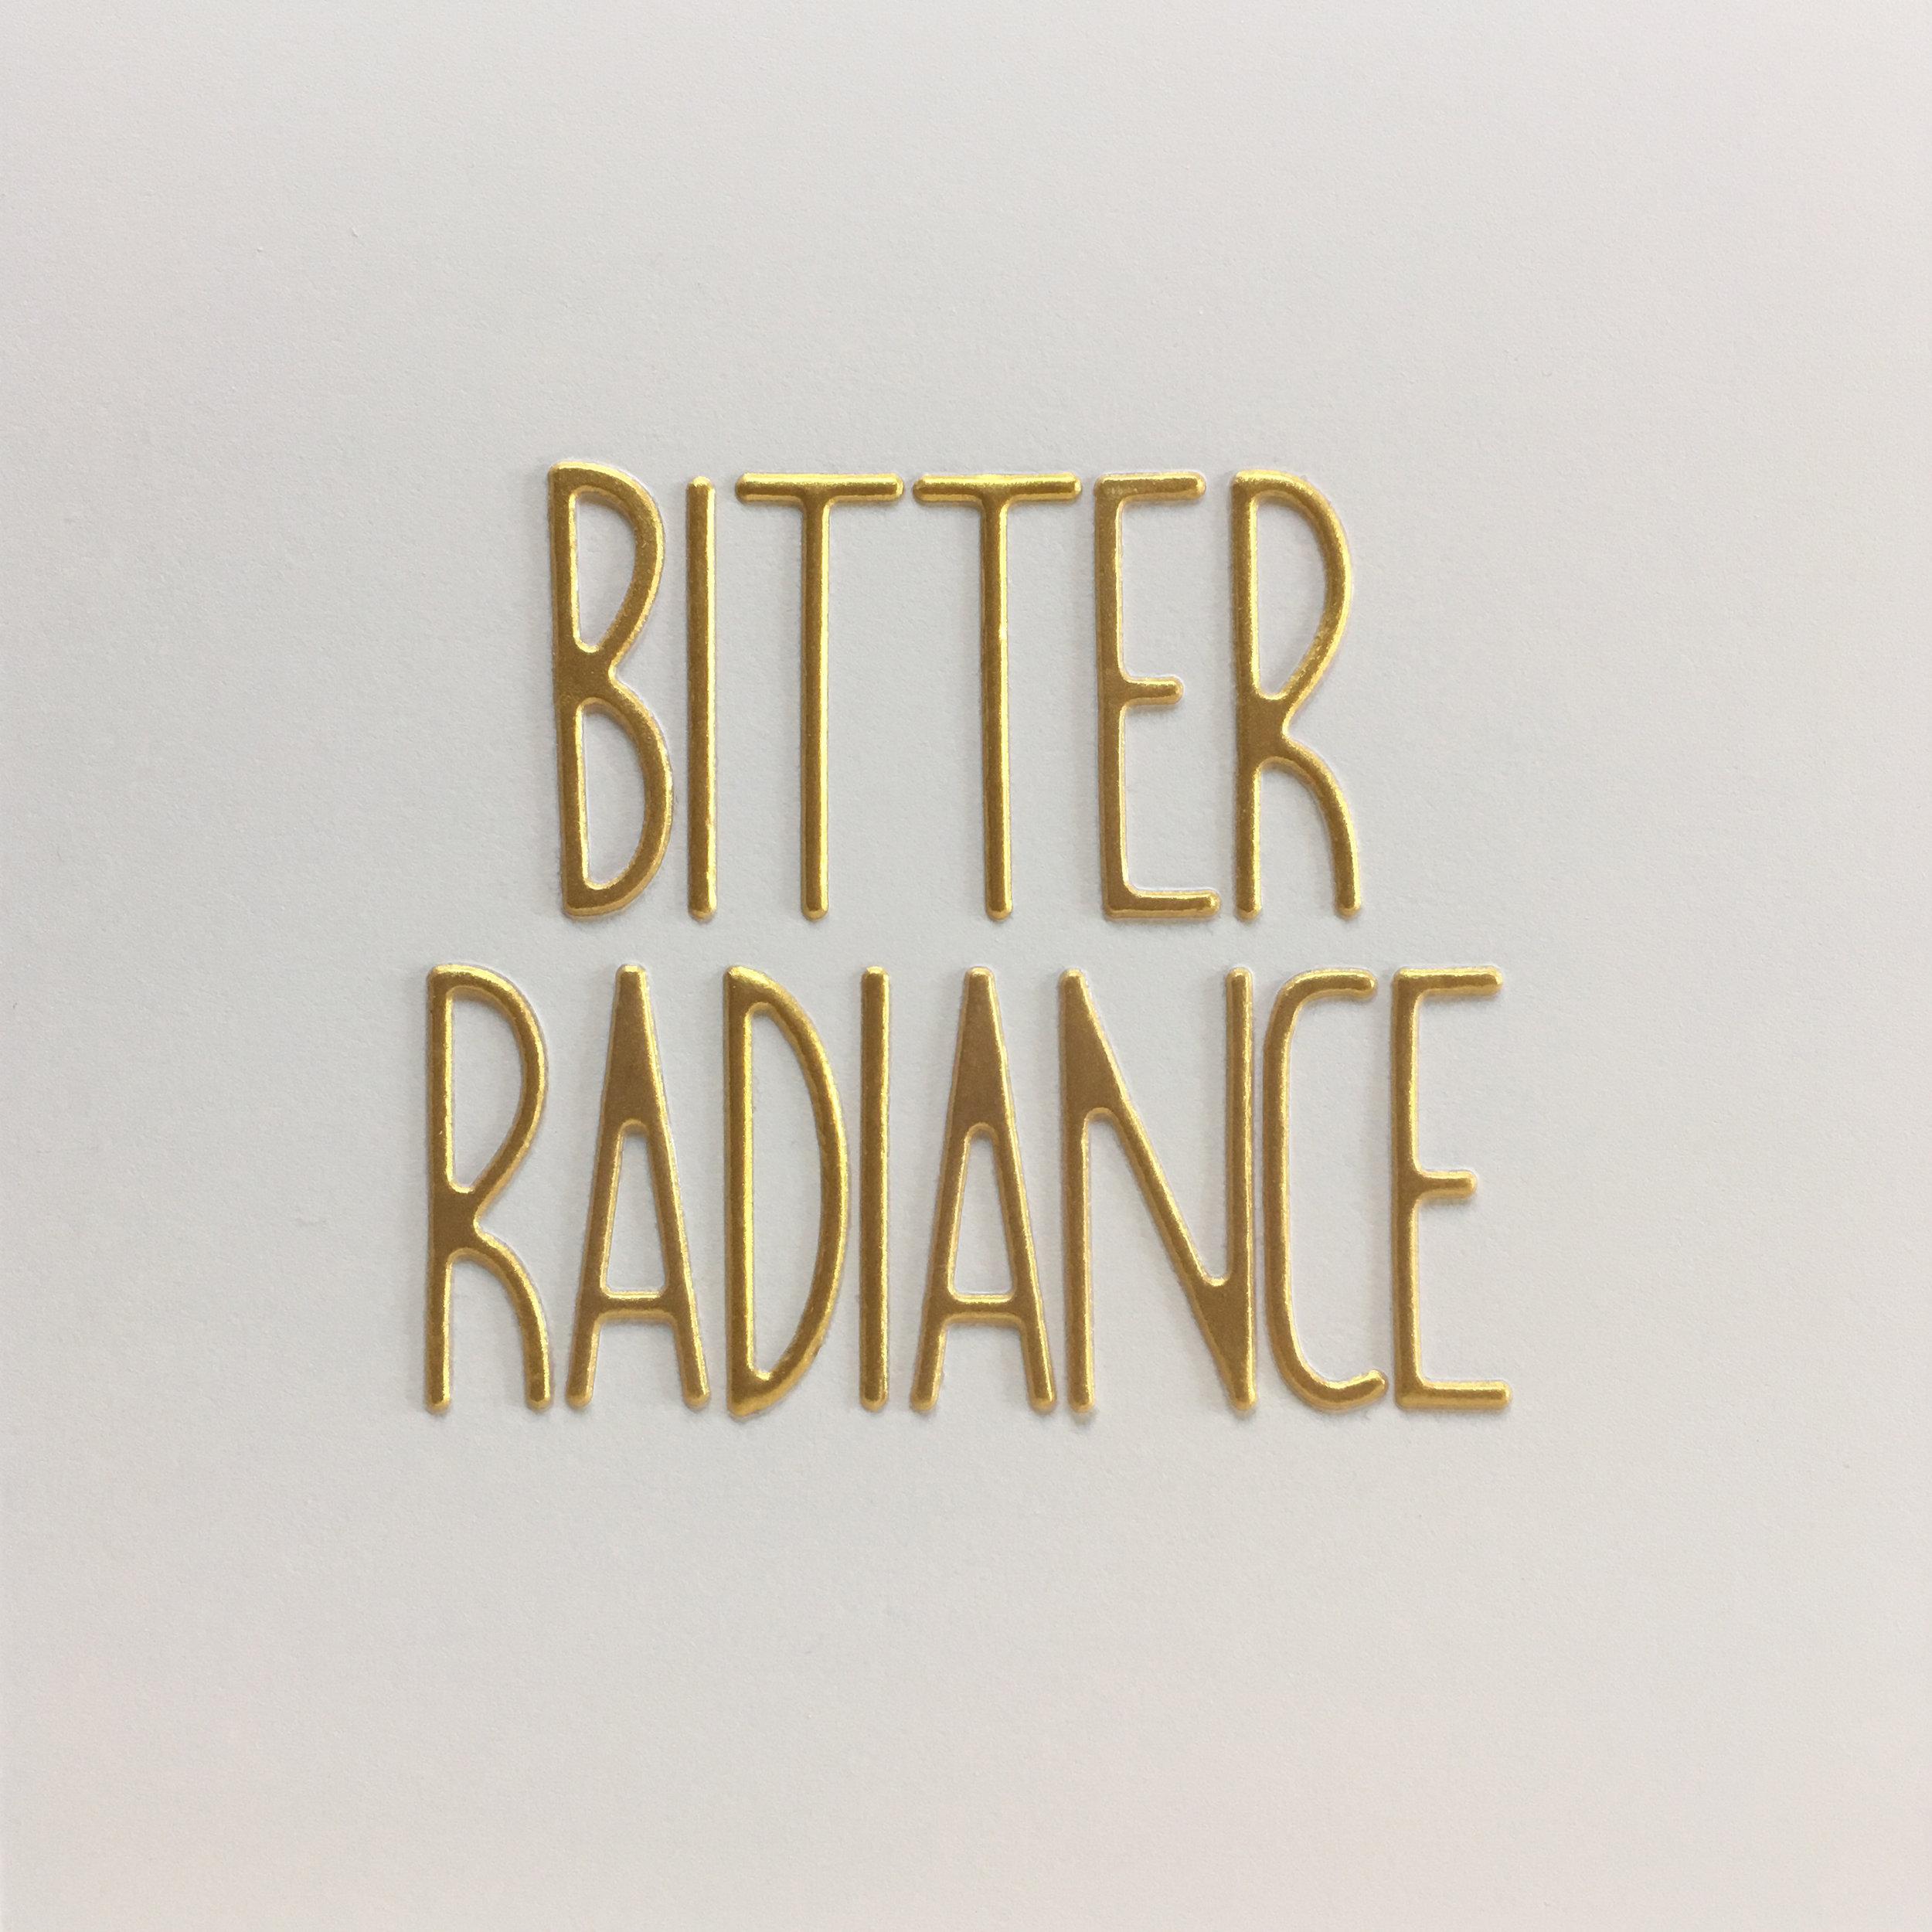 bitter radiance.jpg